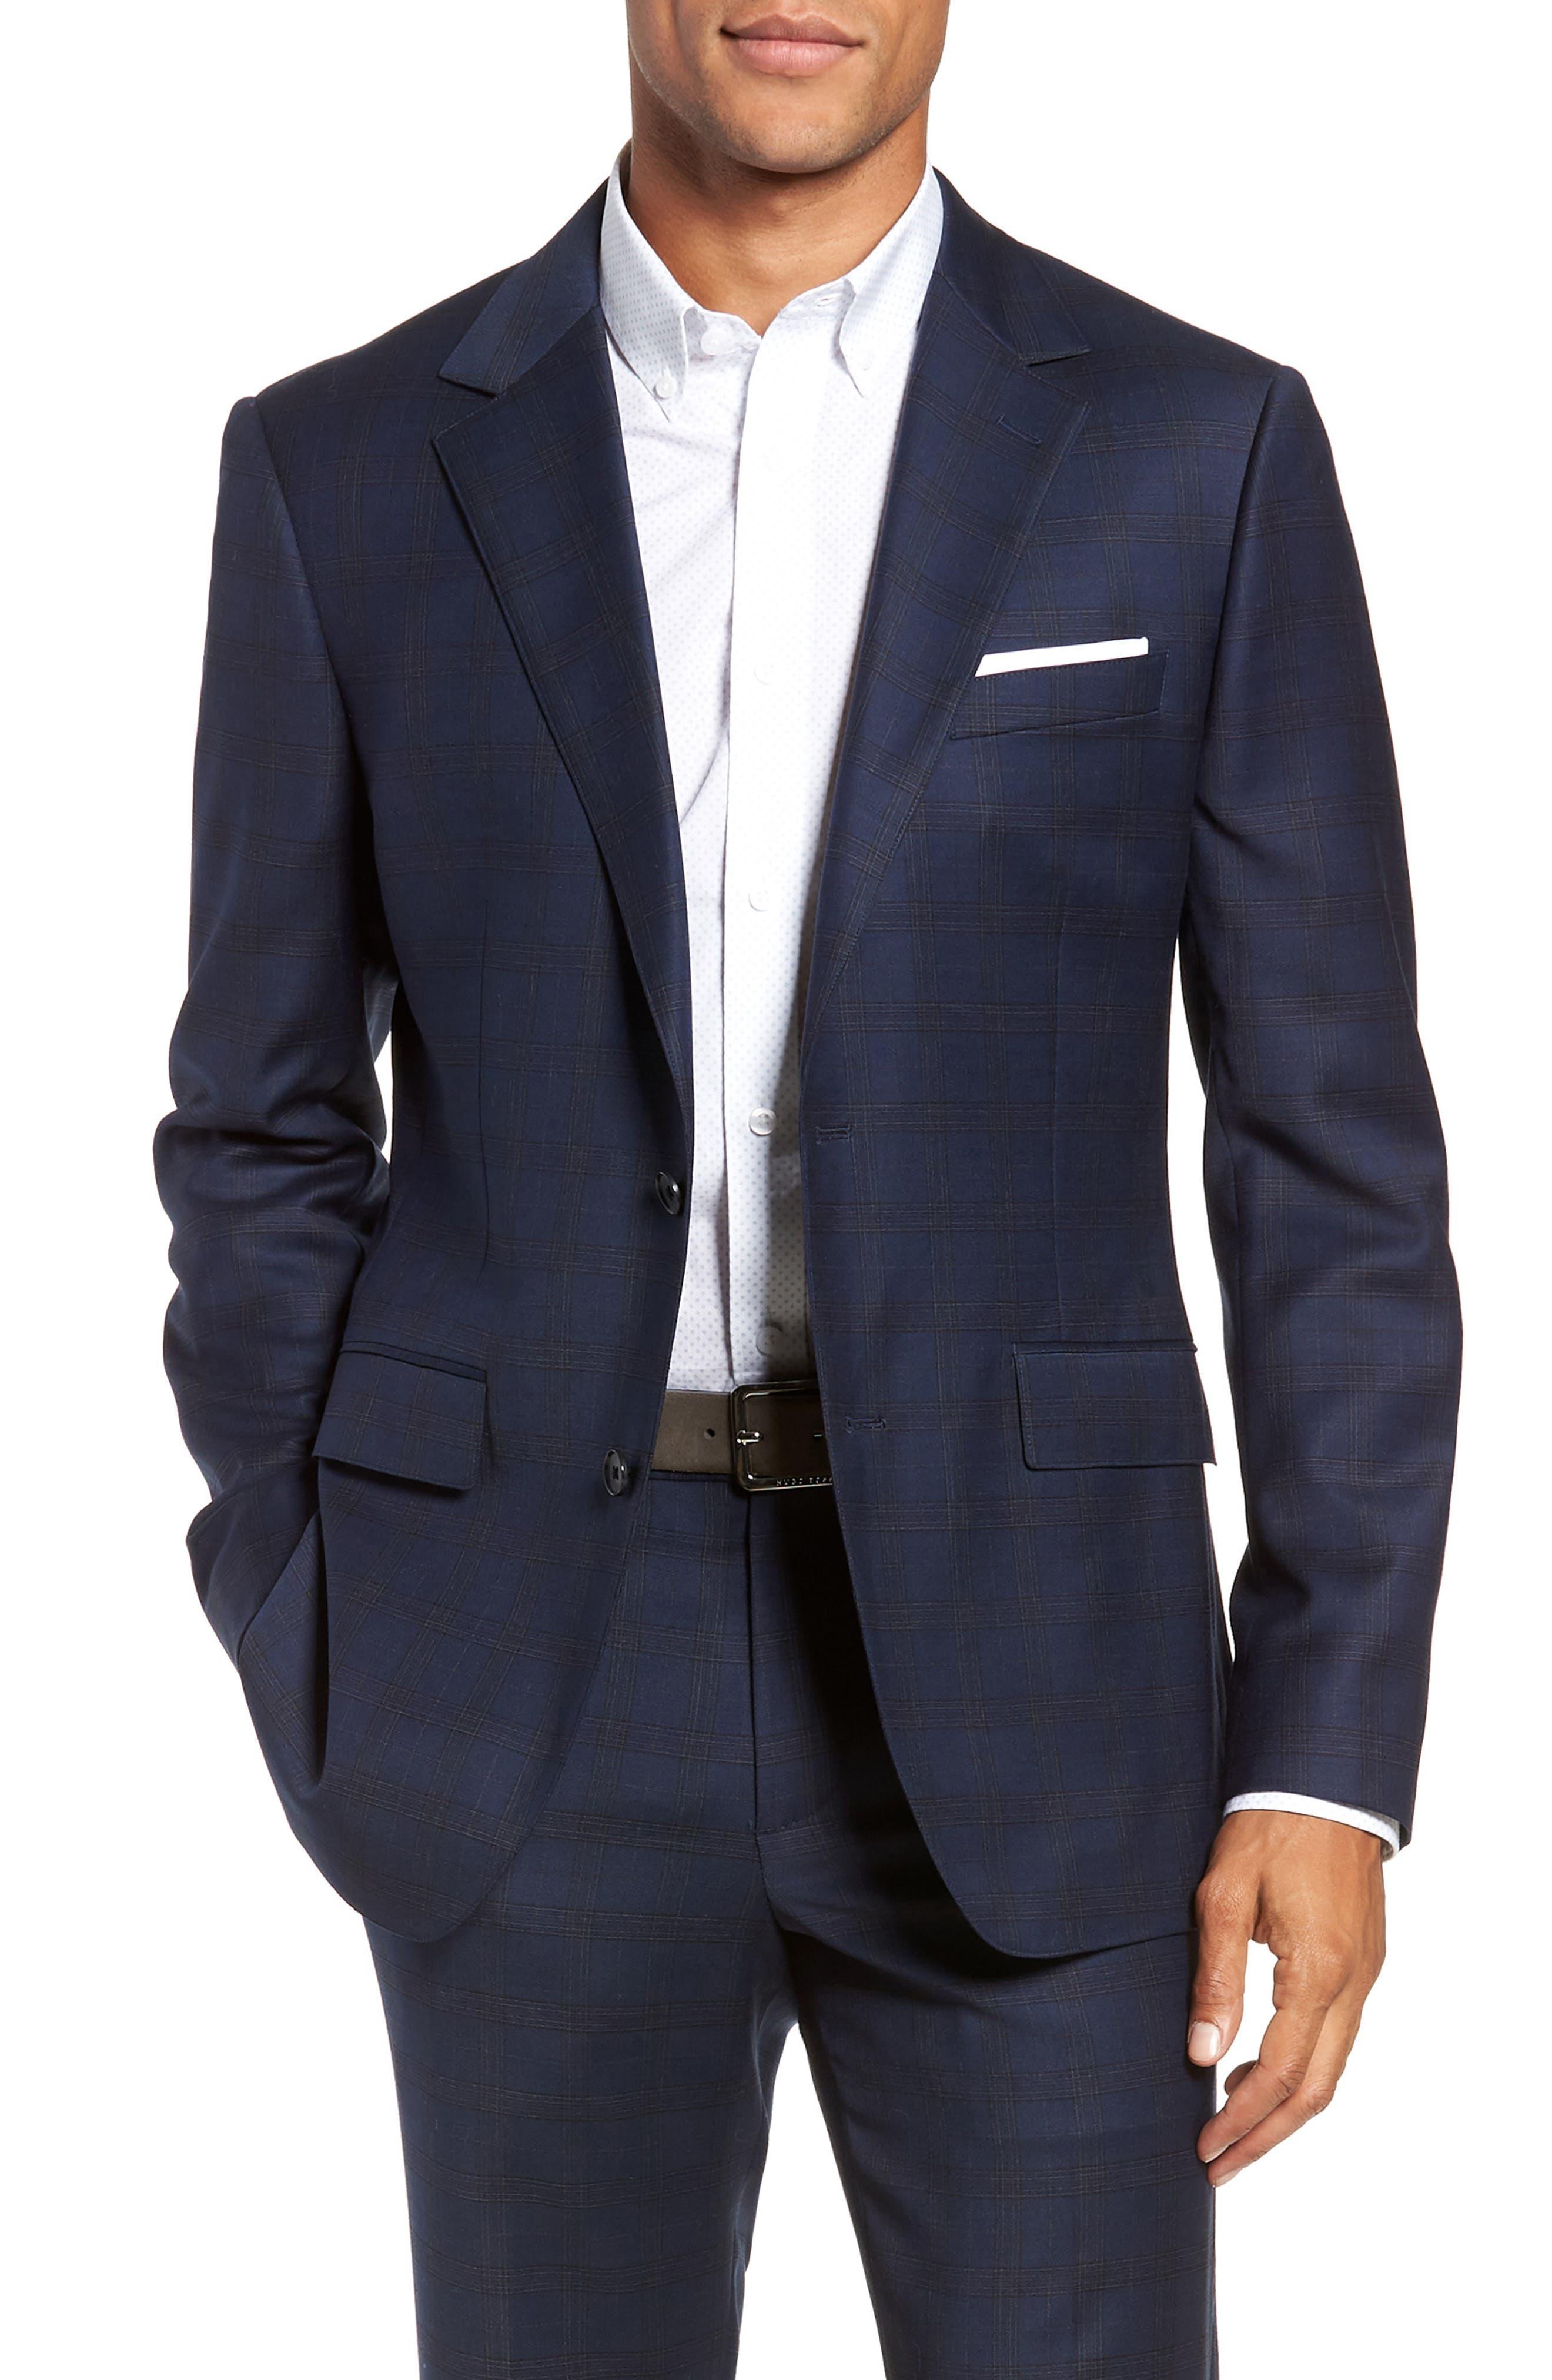 Jetsetter Slim Fit Stretch Suit Pants,                             Alternate thumbnail 7, color,                             SUBTLE NAVY PLAID